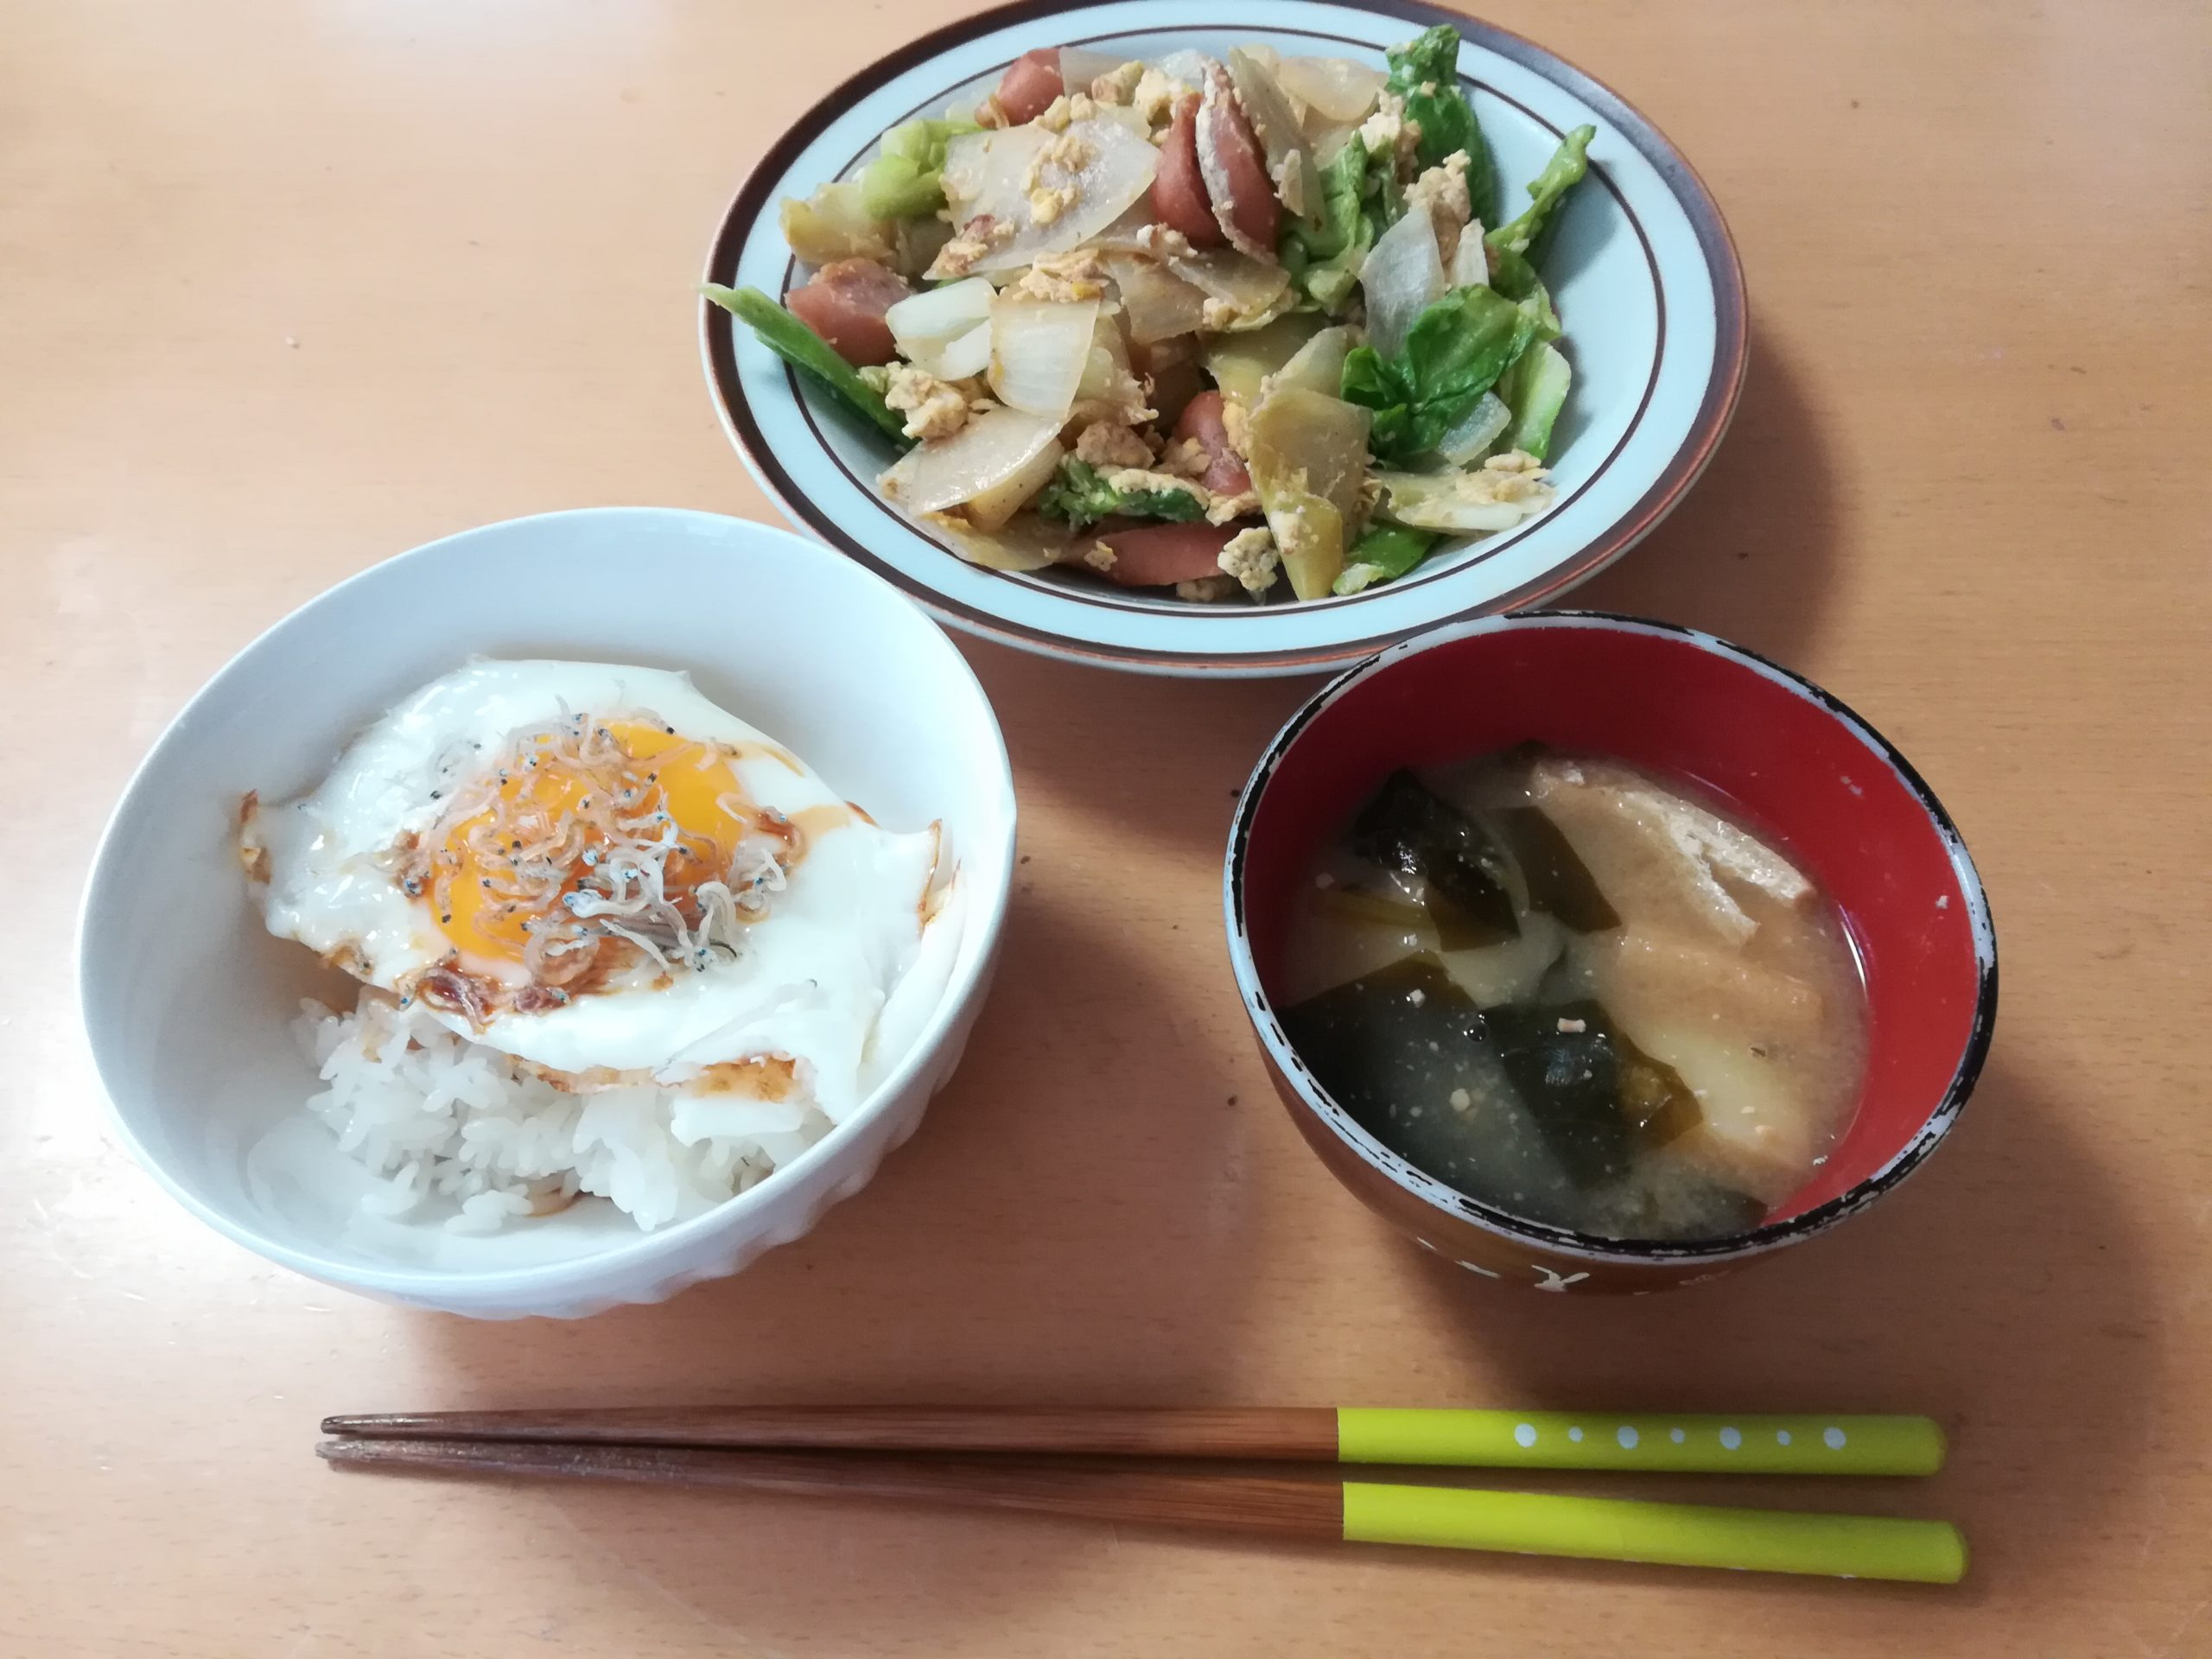 次女が作った野菜炒めと目玉焼きご飯と味噌汁